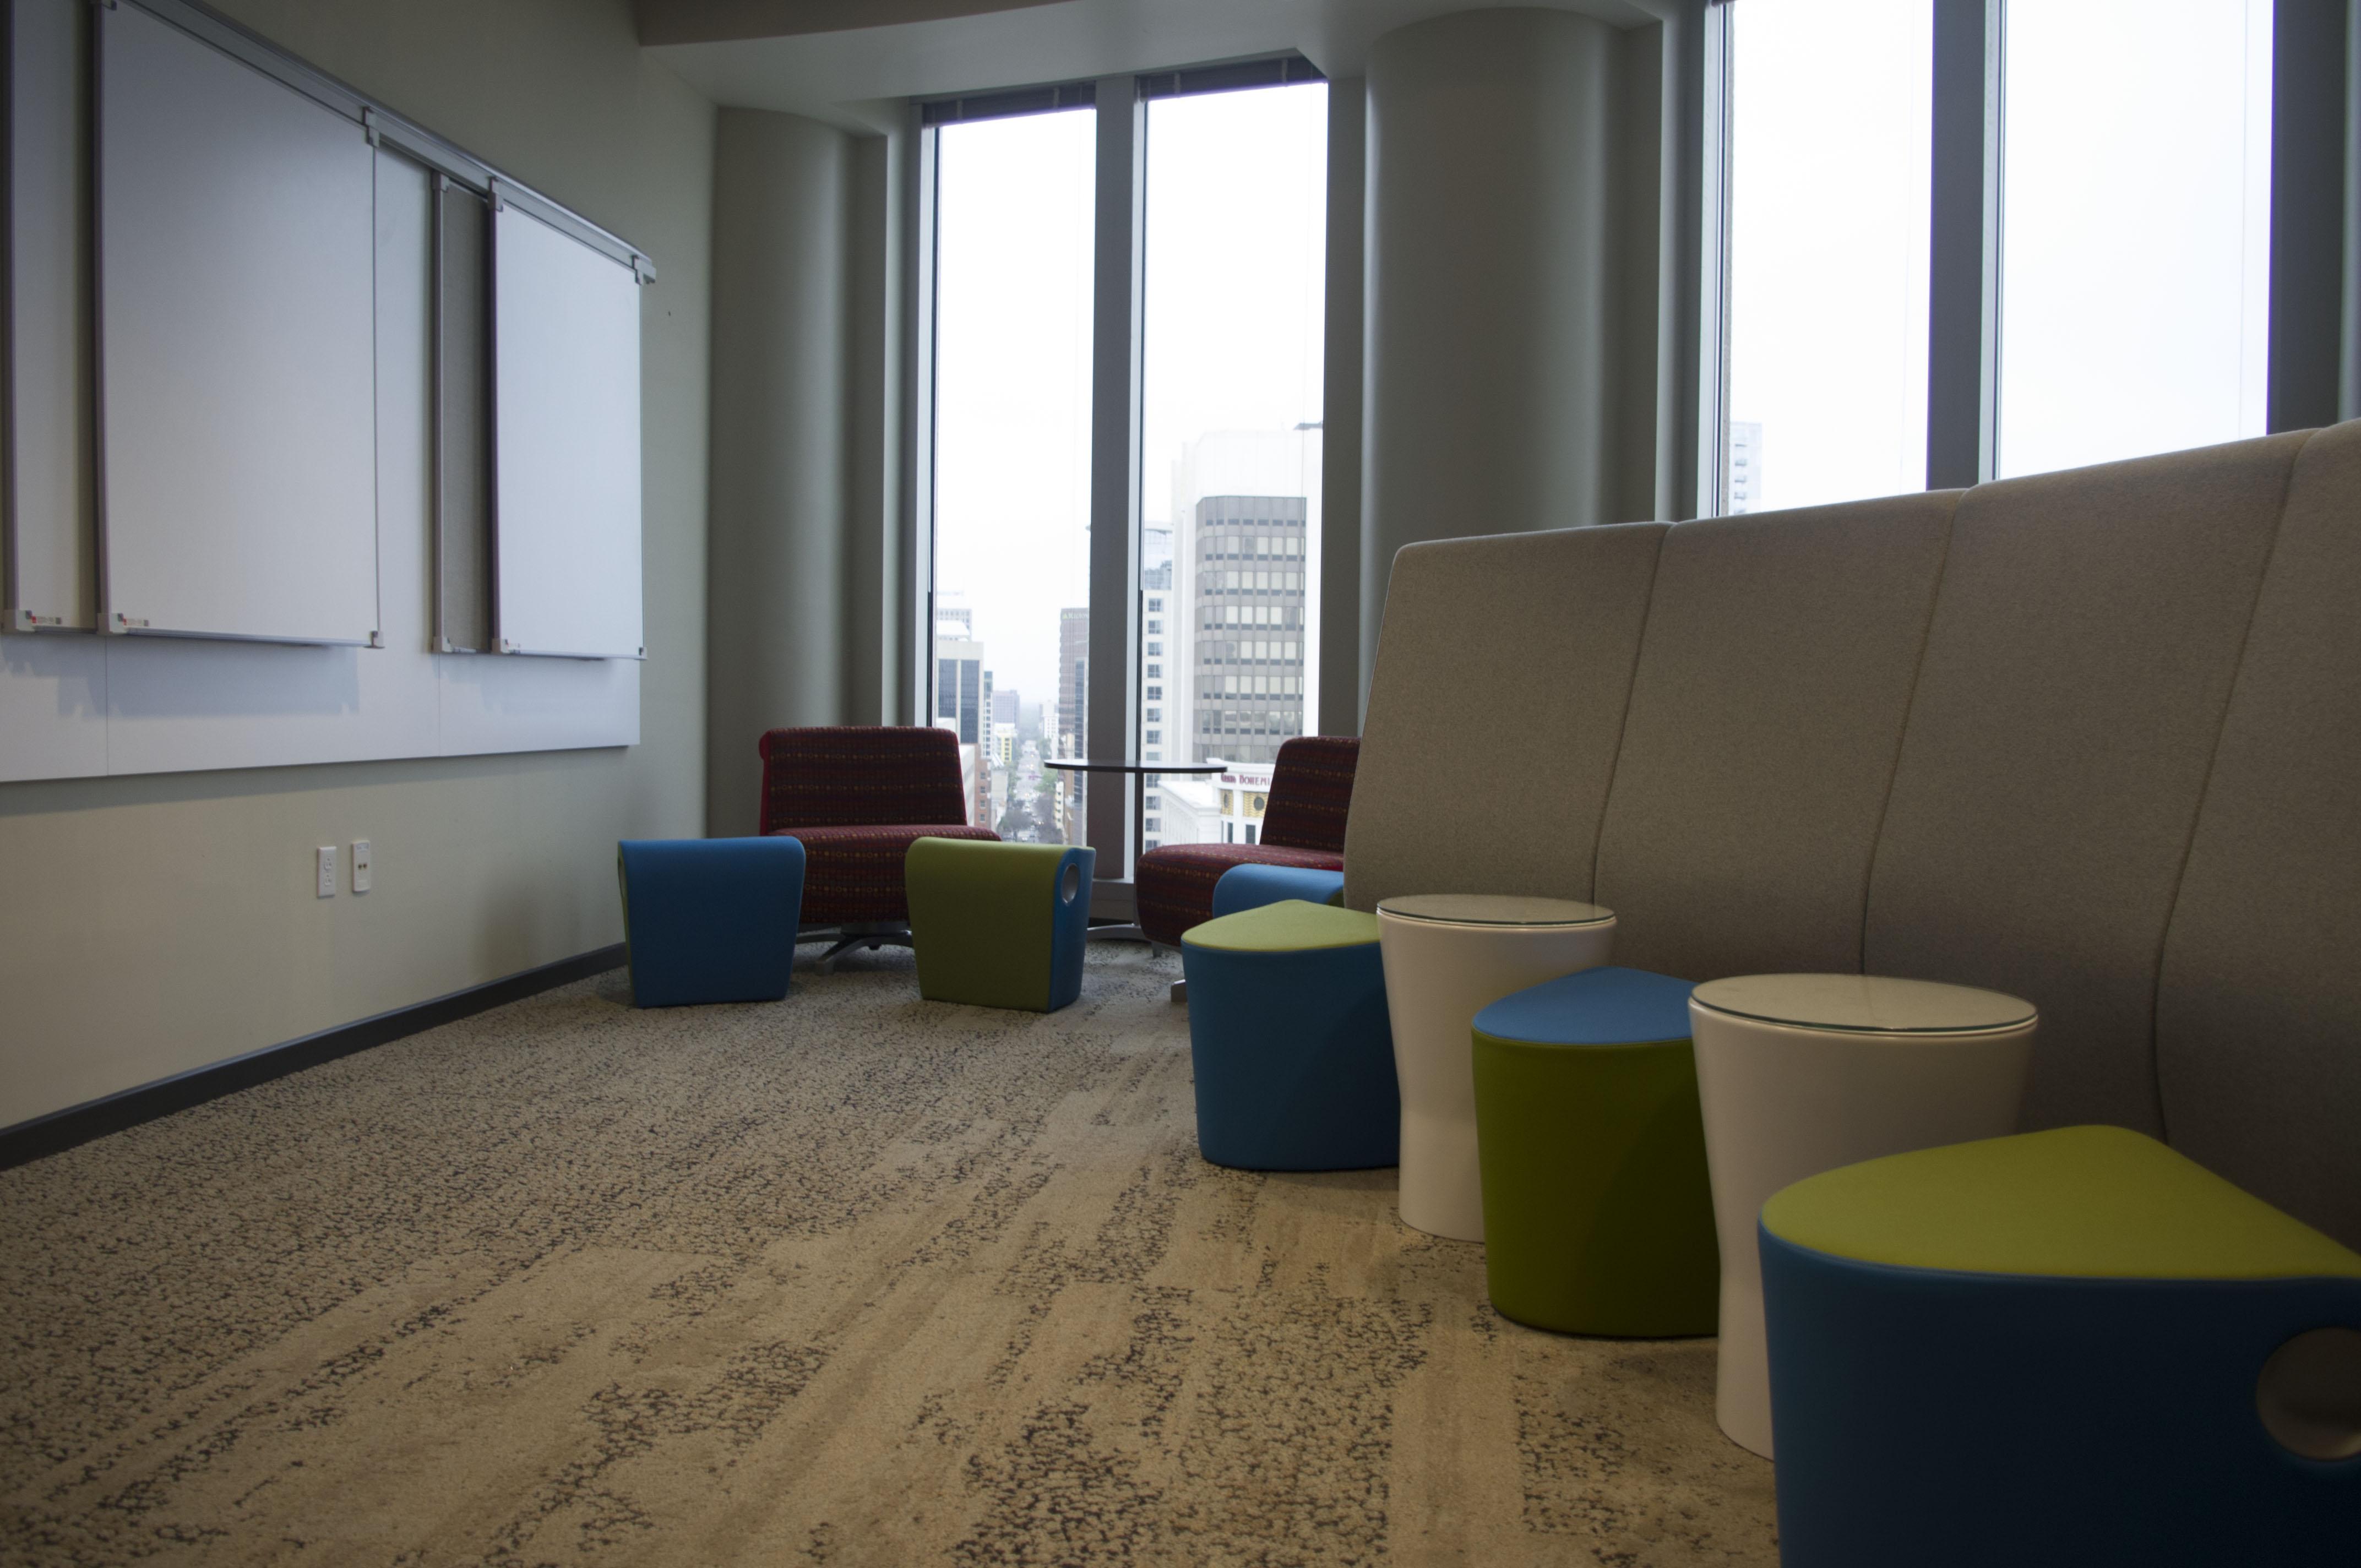 Interior design jobs in central florida